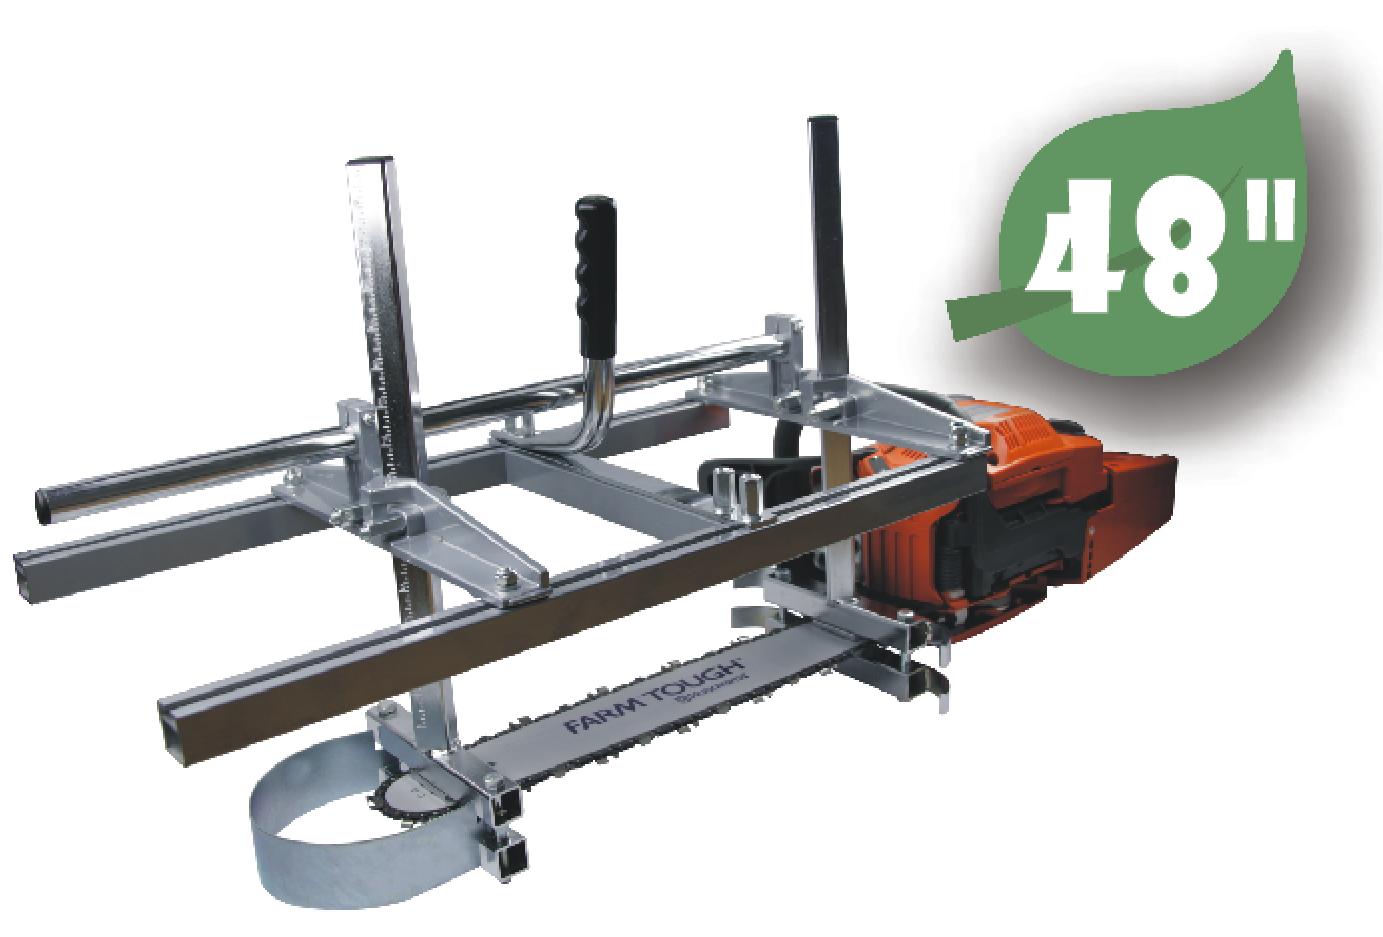 Univerzálny prípravok na rezanie prken 24 inch (KOPIE) (KOPIE)